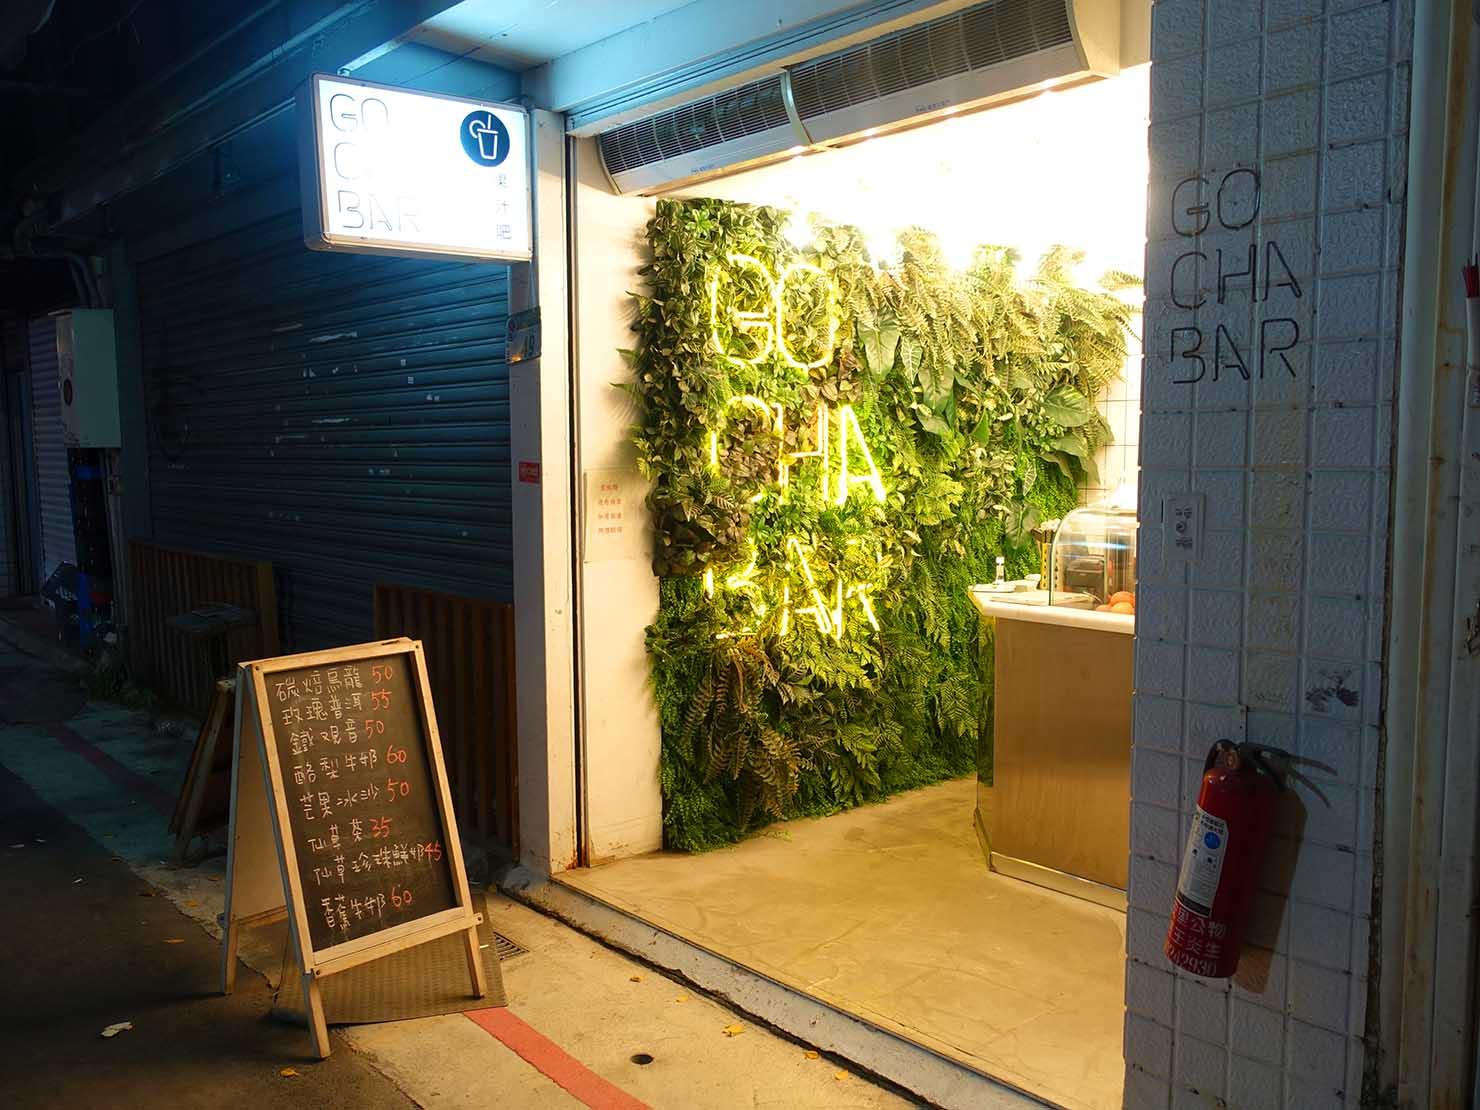 台北・中山駅周辺のおすすめドリンクスタンド「果汁吧 GO CHA BAR」の外観